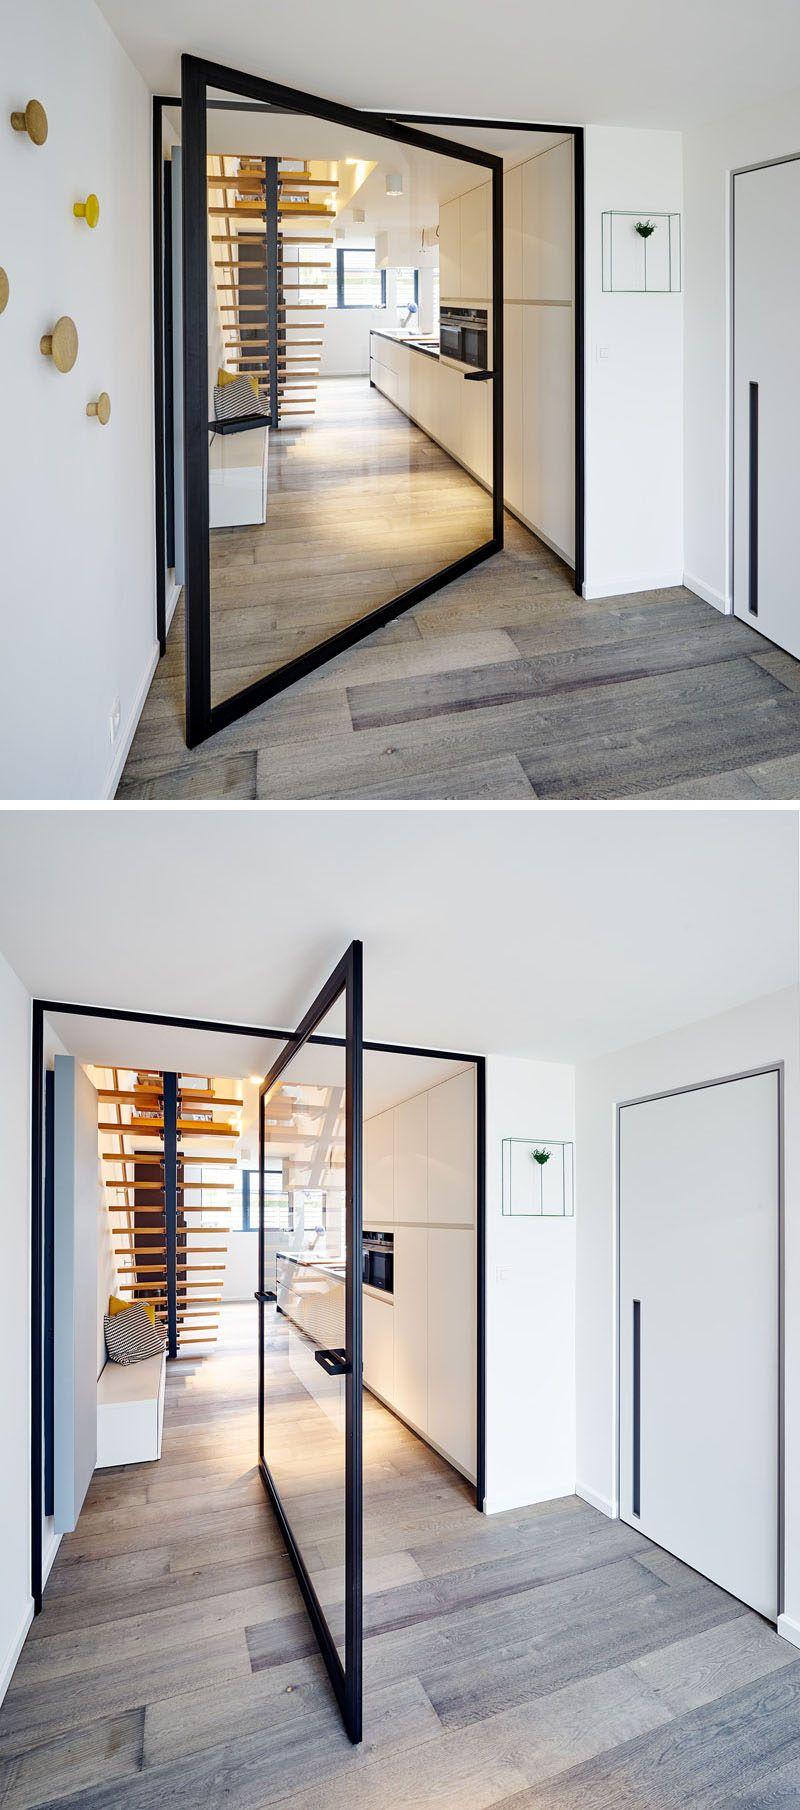 treppen sind holzfarbig der boden ist laminatt aber grau. Black Bedroom Furniture Sets. Home Design Ideas